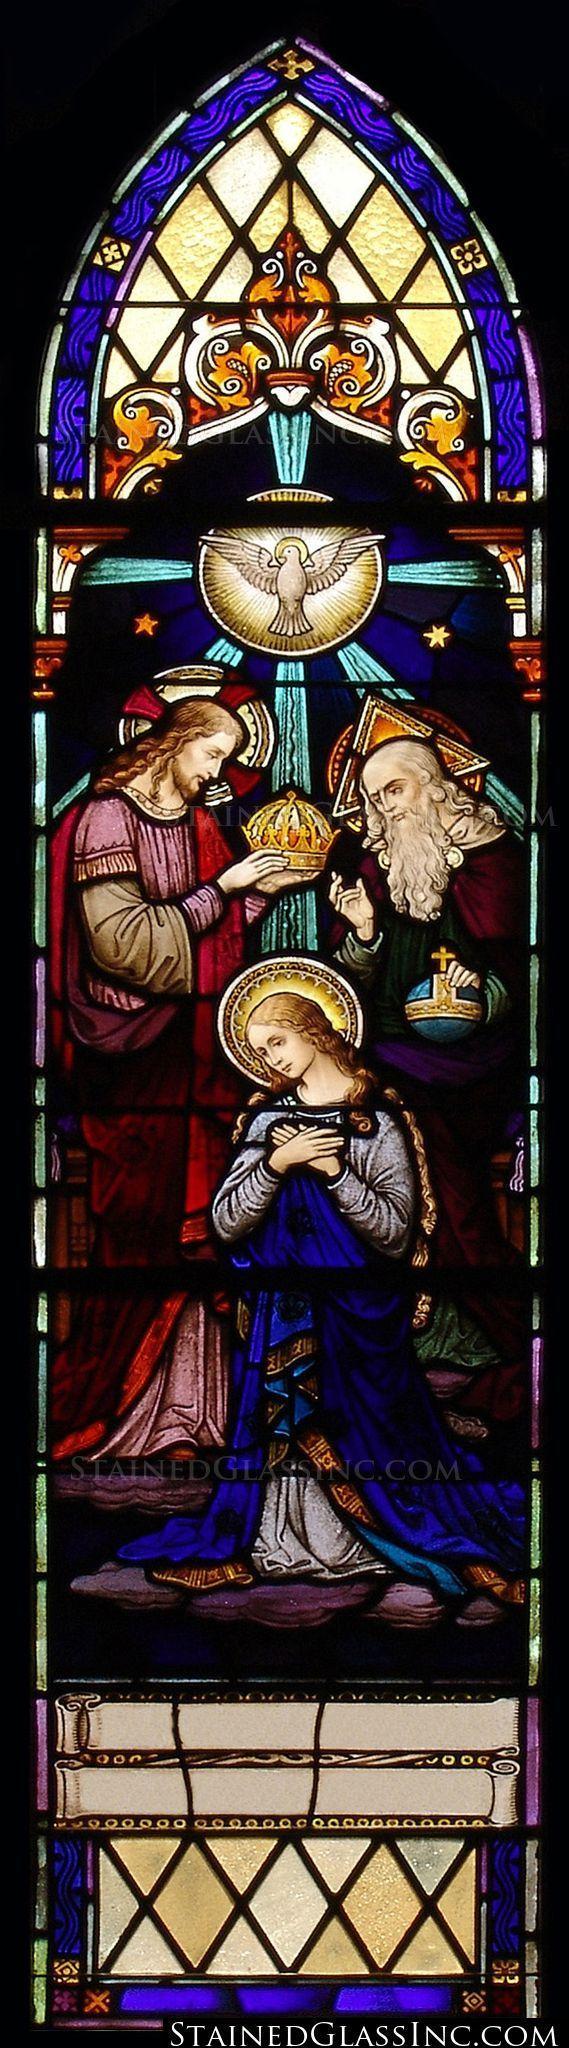 """See more HERE: https://www.sunfrog.com/allforyou/Happy-Earth-Day  (022) 18 Novembre 2016 Le tableau des """"vitraux"""" (stained glass) est très suivi dans sa version """"religieuse"""" ou """"design"""" .. il fait lien avec les tableaux du testament mais aussi les tableaux du Moyen-Âge ici """"The Crowning of the Virgin"""" Religious Stained Glass Window"""